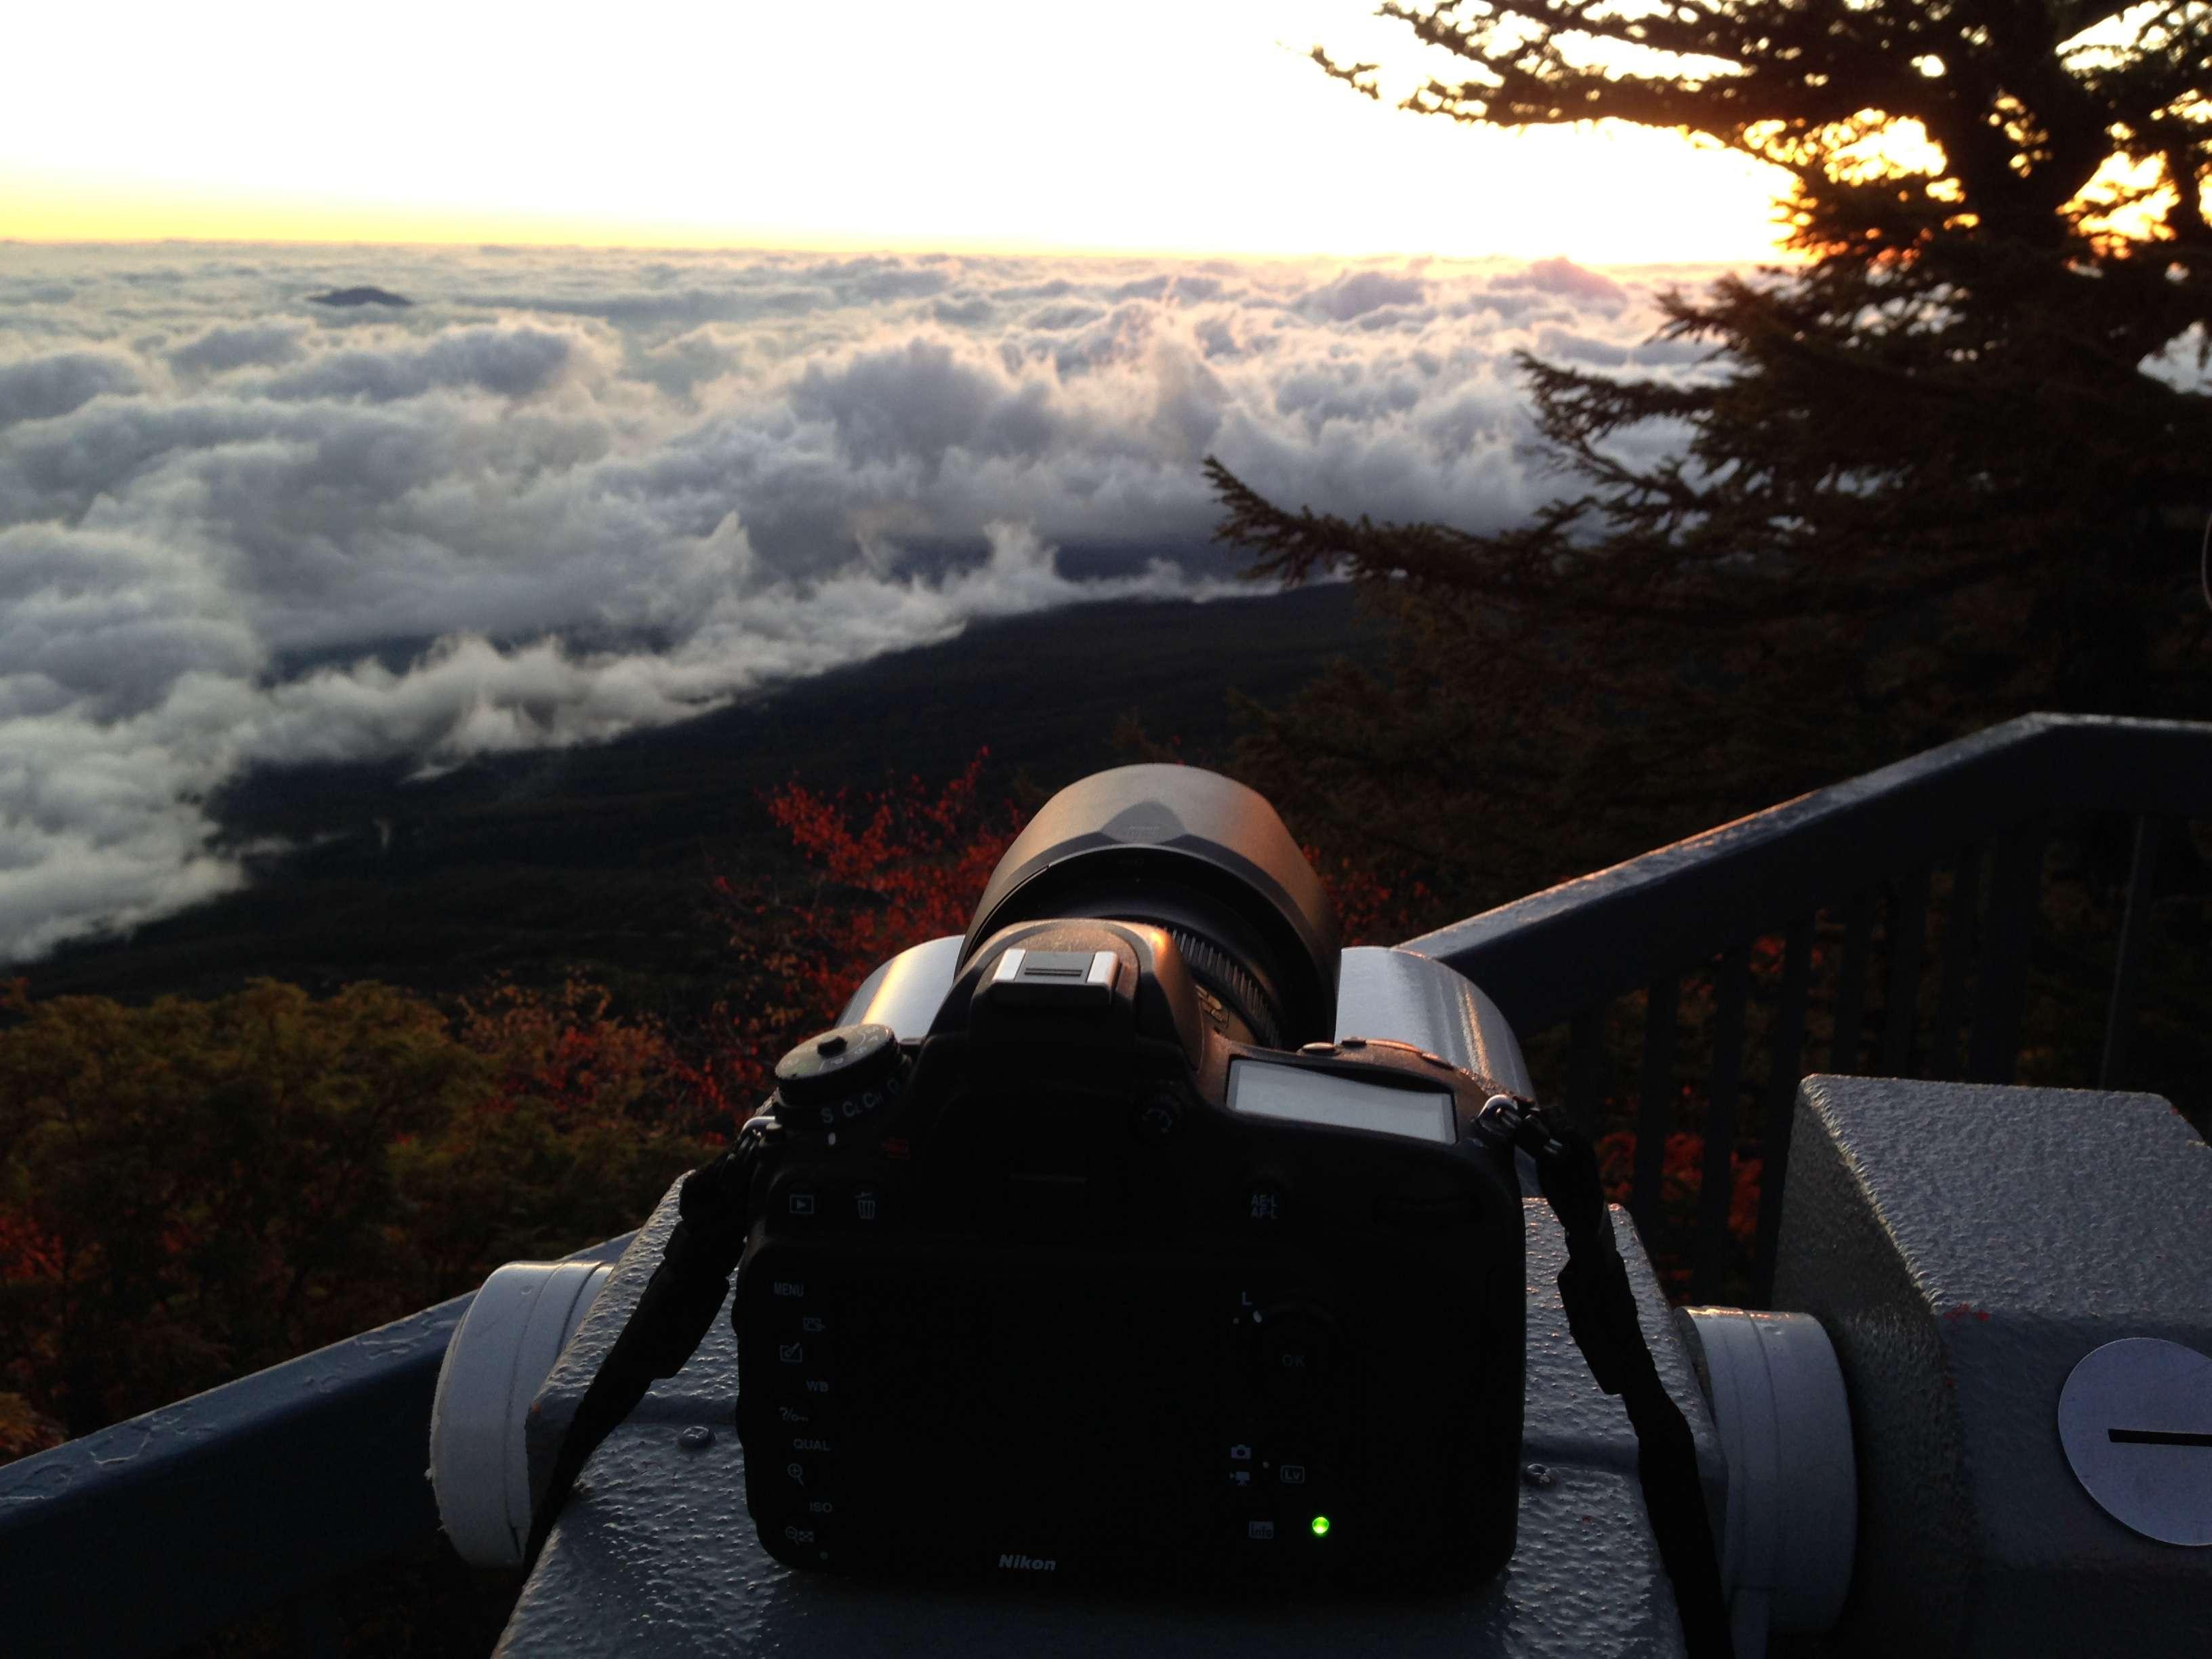 Фотоаппарат стоящий на обзорном бинокле снимает таймлапс